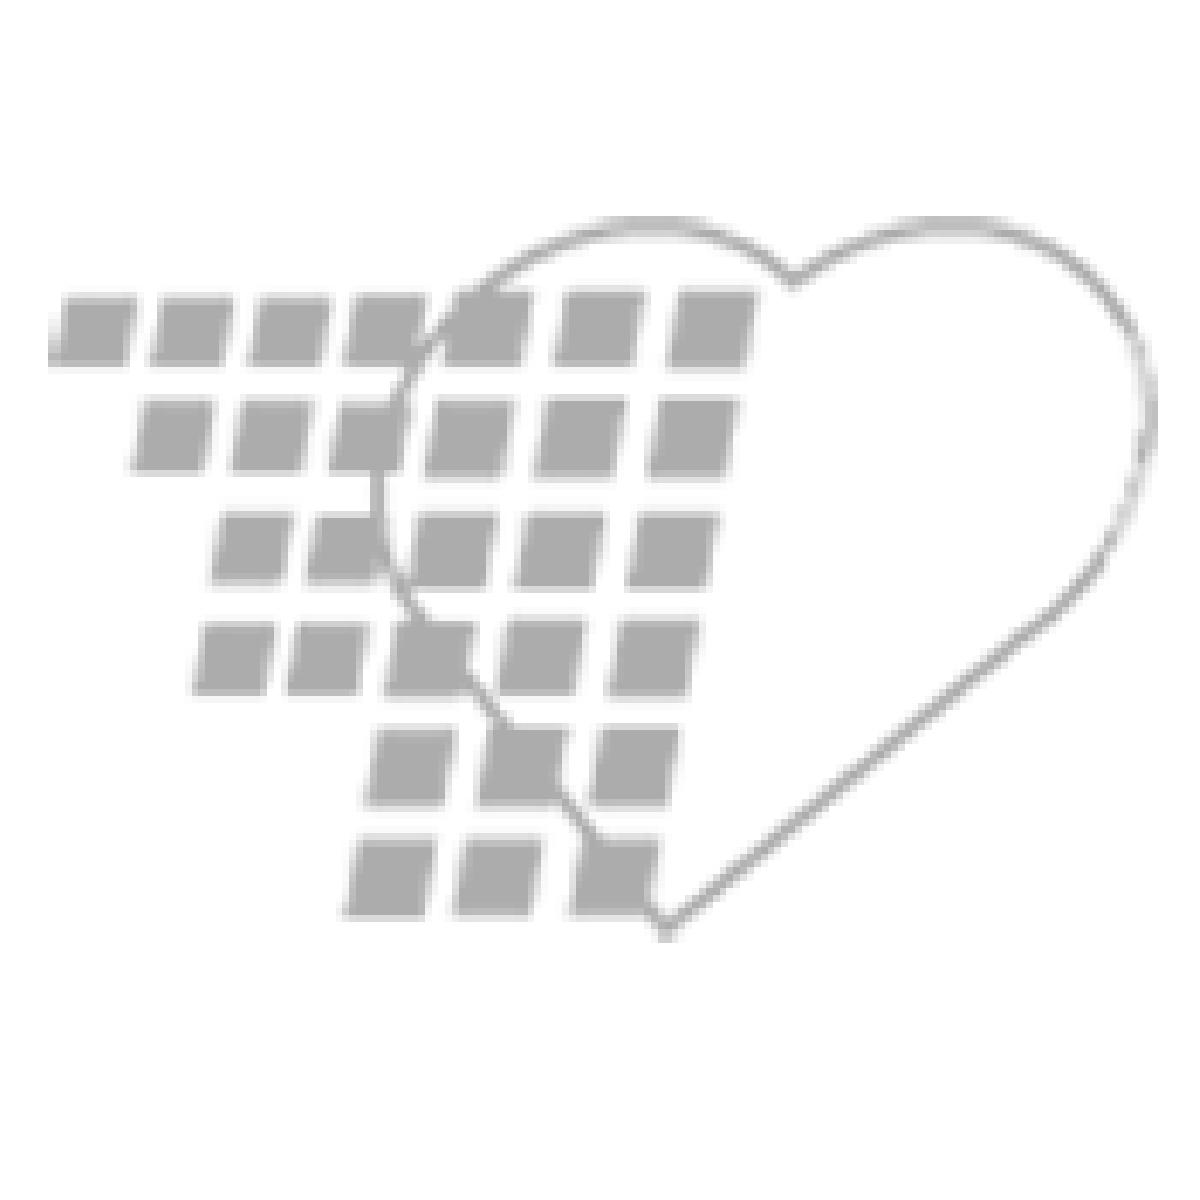 11-81-0007-BRN - SimLeggings® Extenders Pair - Brown